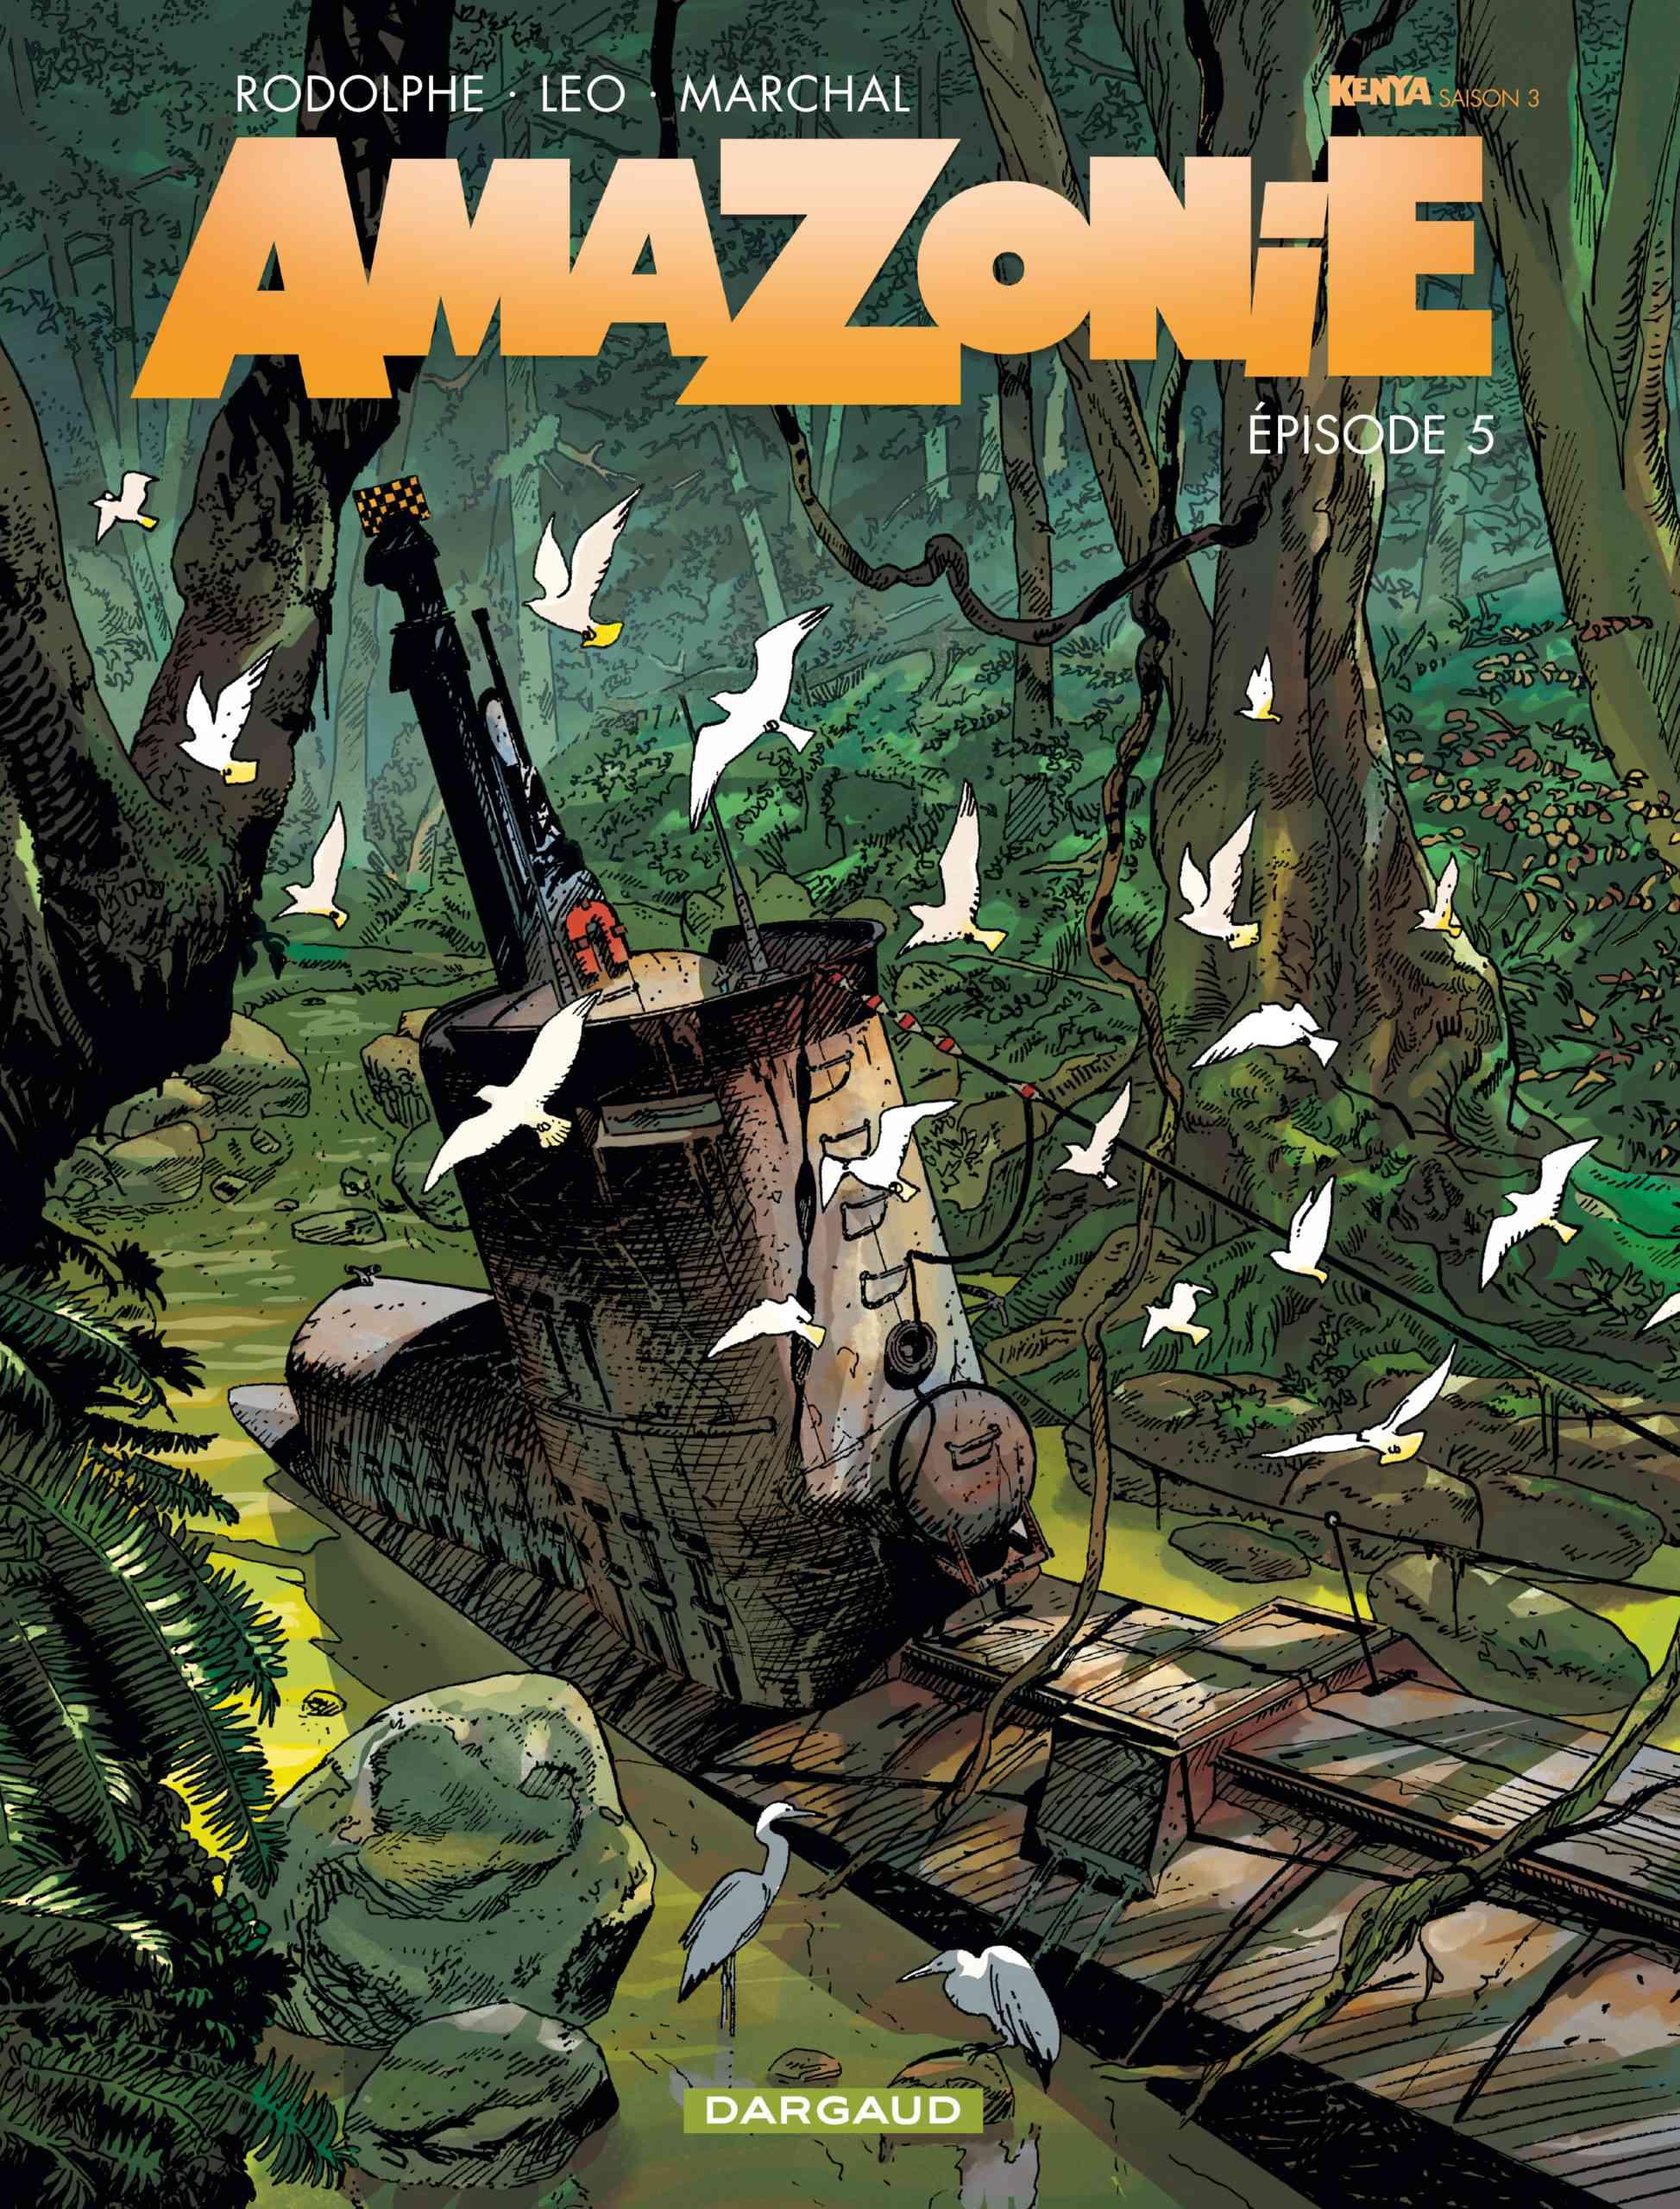 Amazonie épisode 5, dénouement